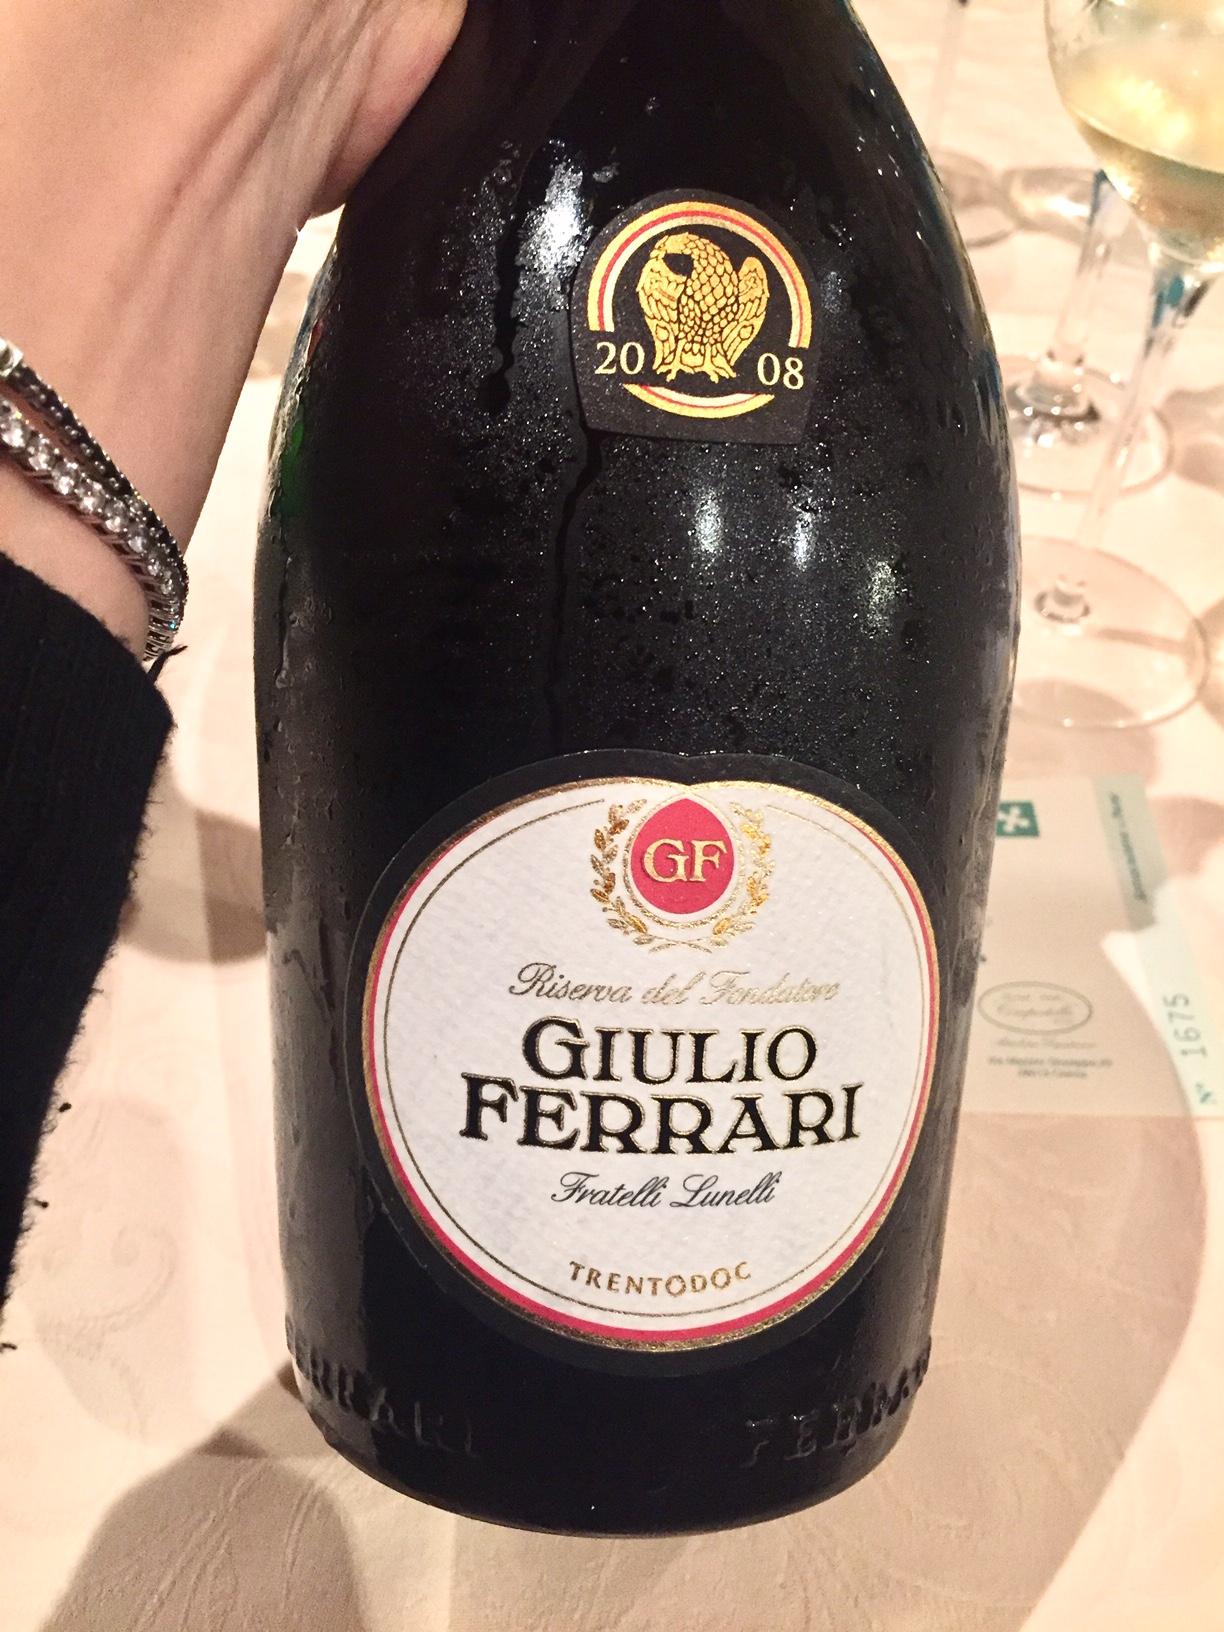 etichetta di Giulio Ferrari 2008 bollicine